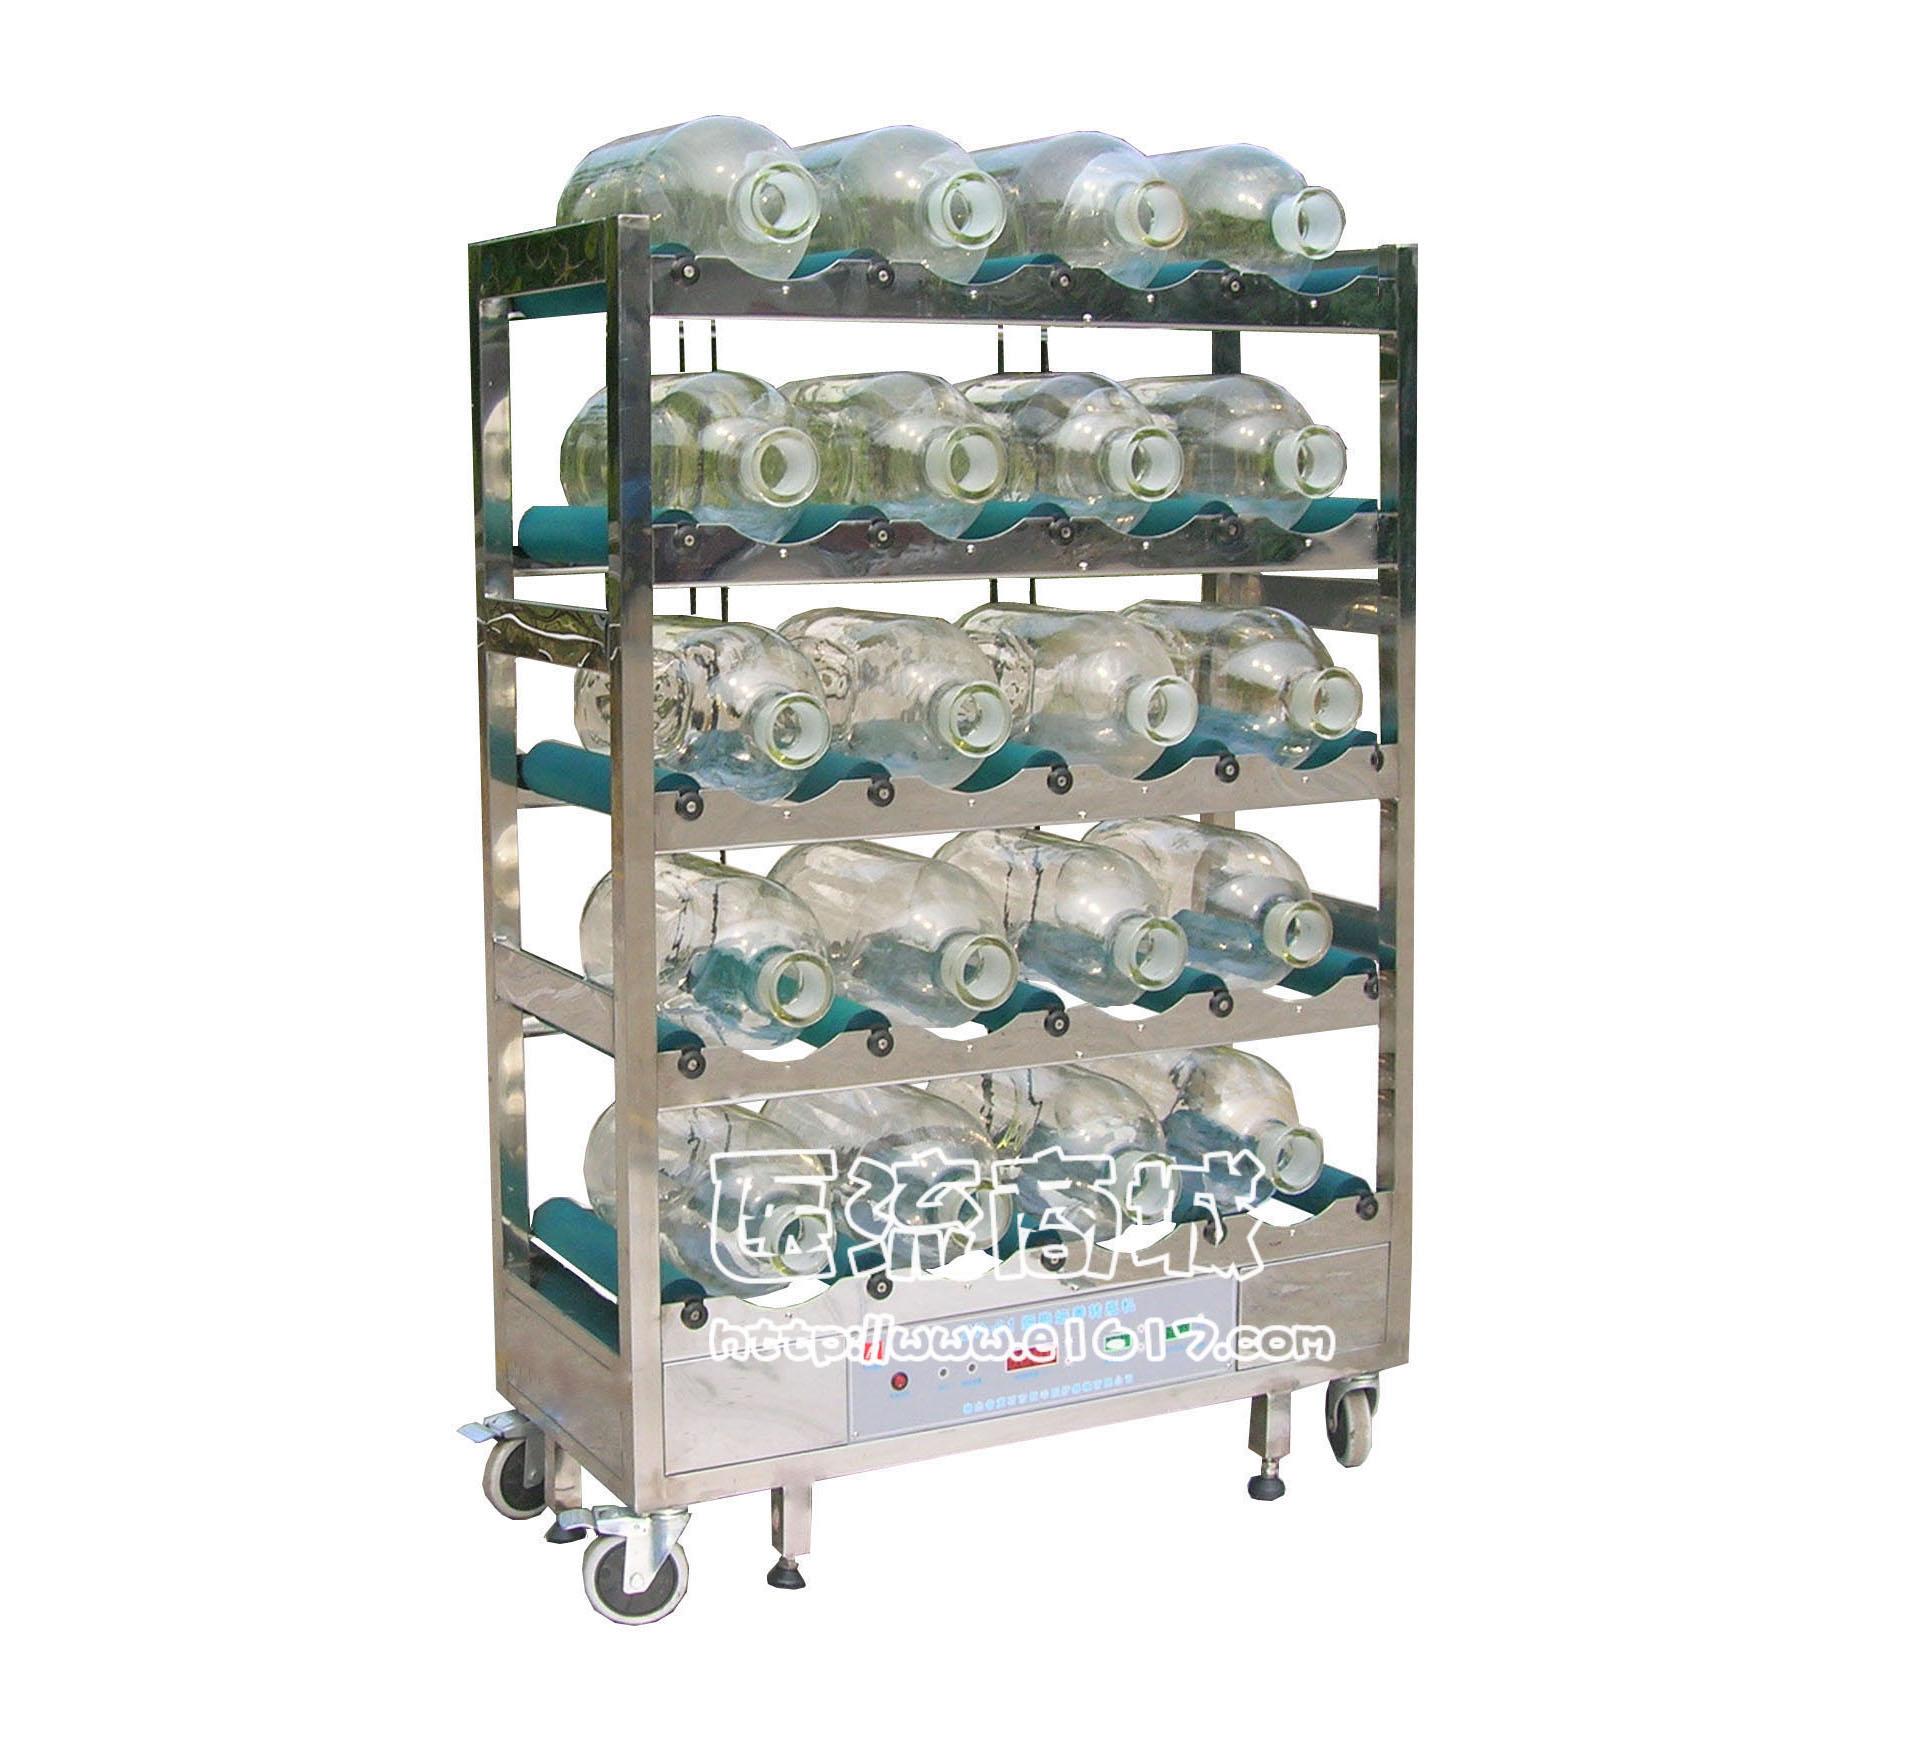 恒丰 ZP-01-30 细胞培养转瓶机 30瓶位